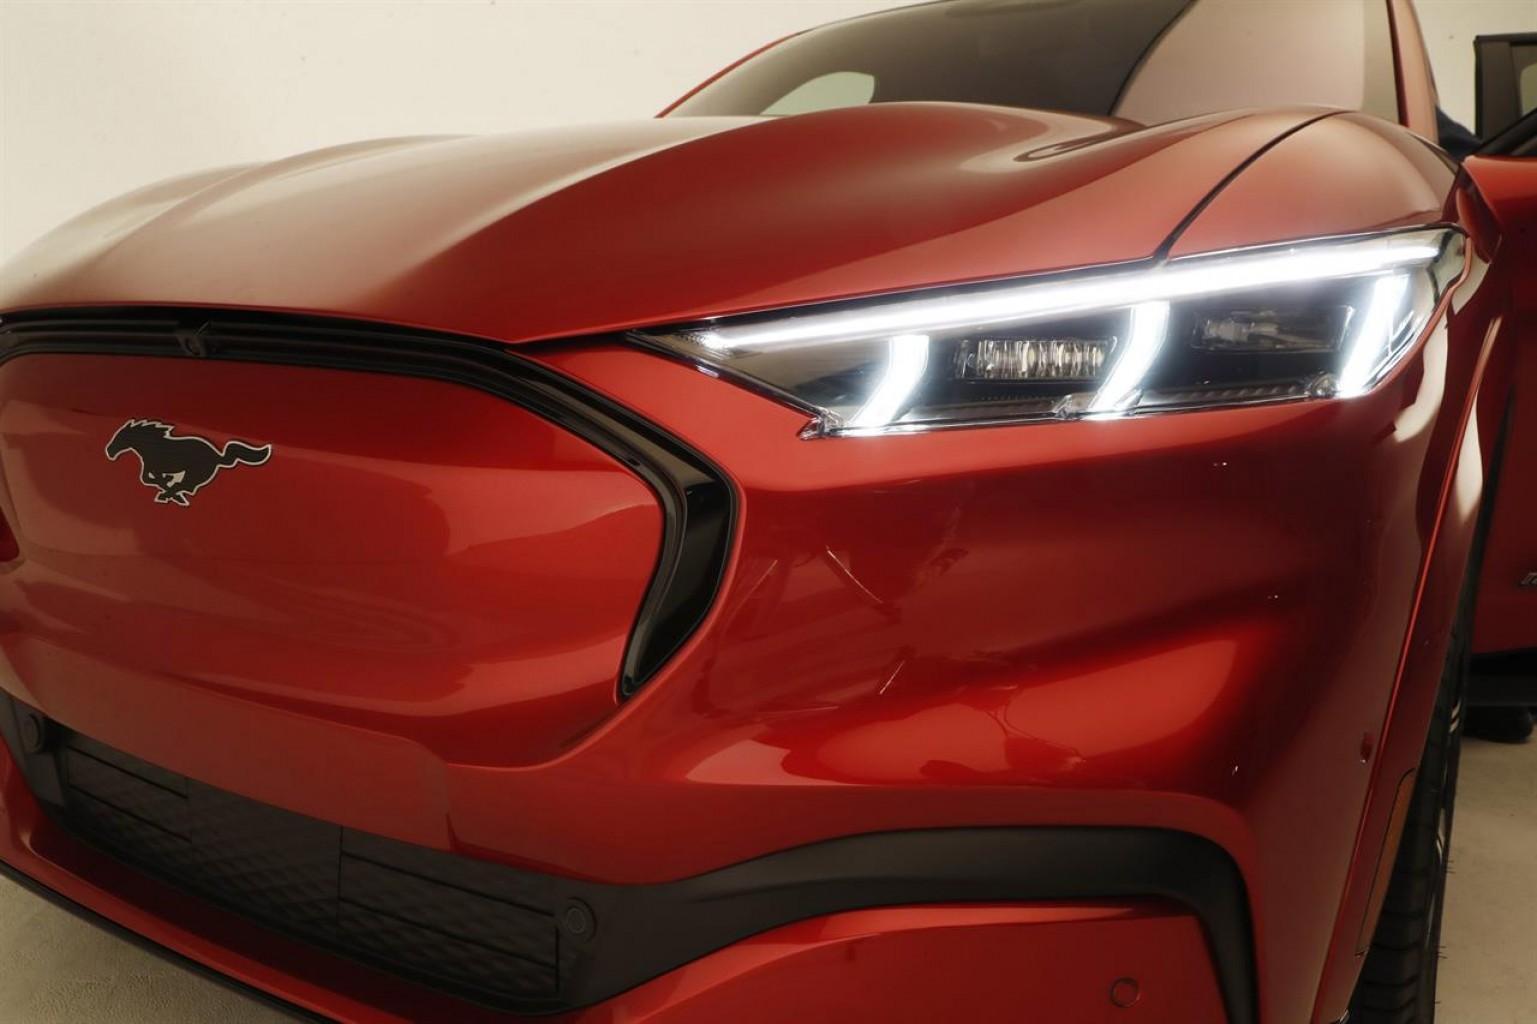 Ford está pensando en usar al Mustang como una sub-Marca. Que dirán sus fanáticos ?